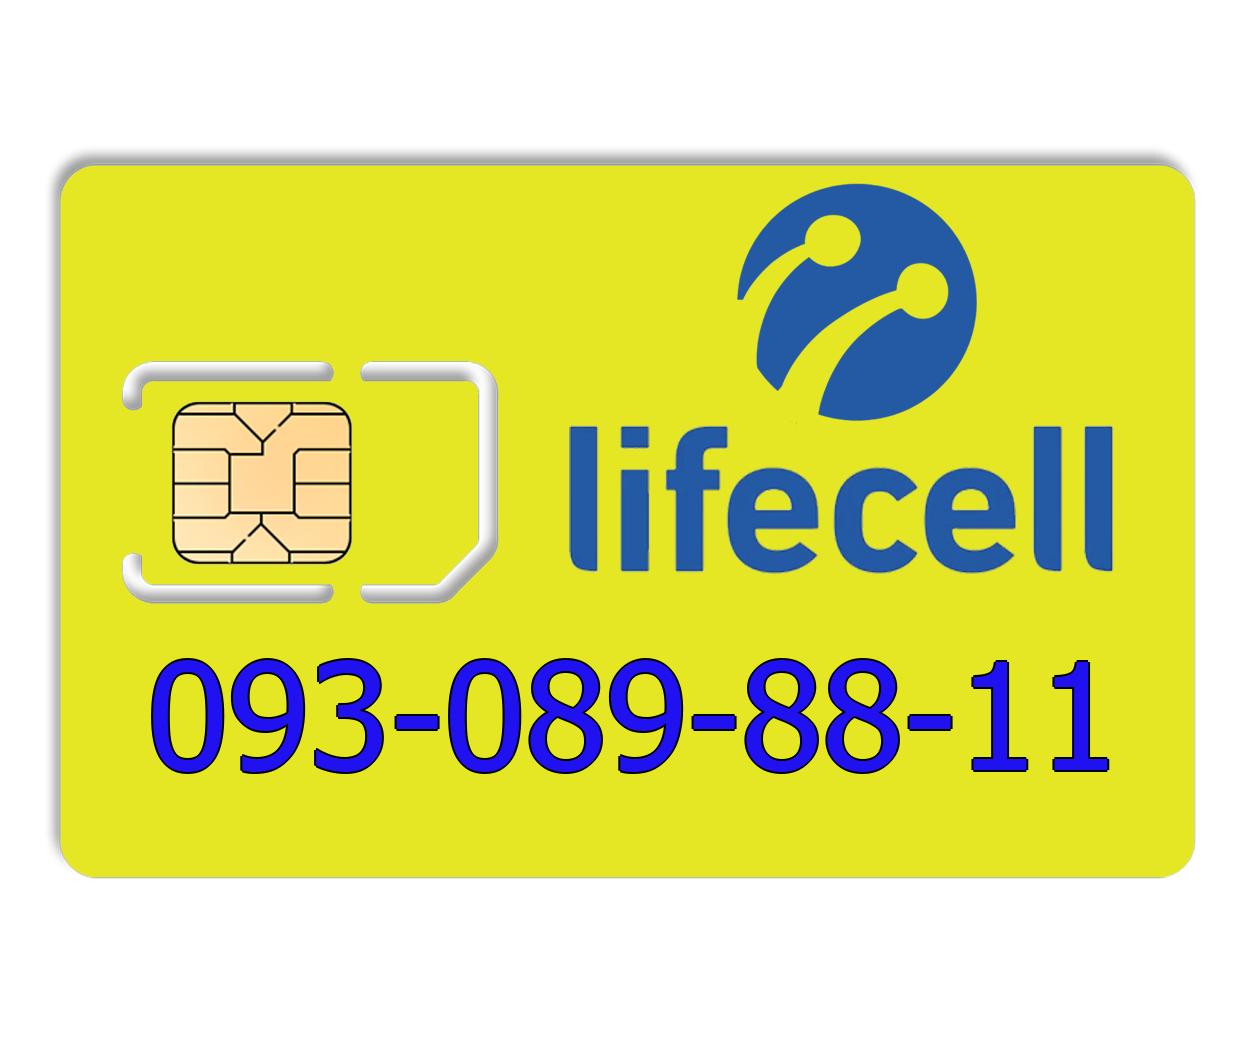 Красивый номер lifecell 093-089-88-11